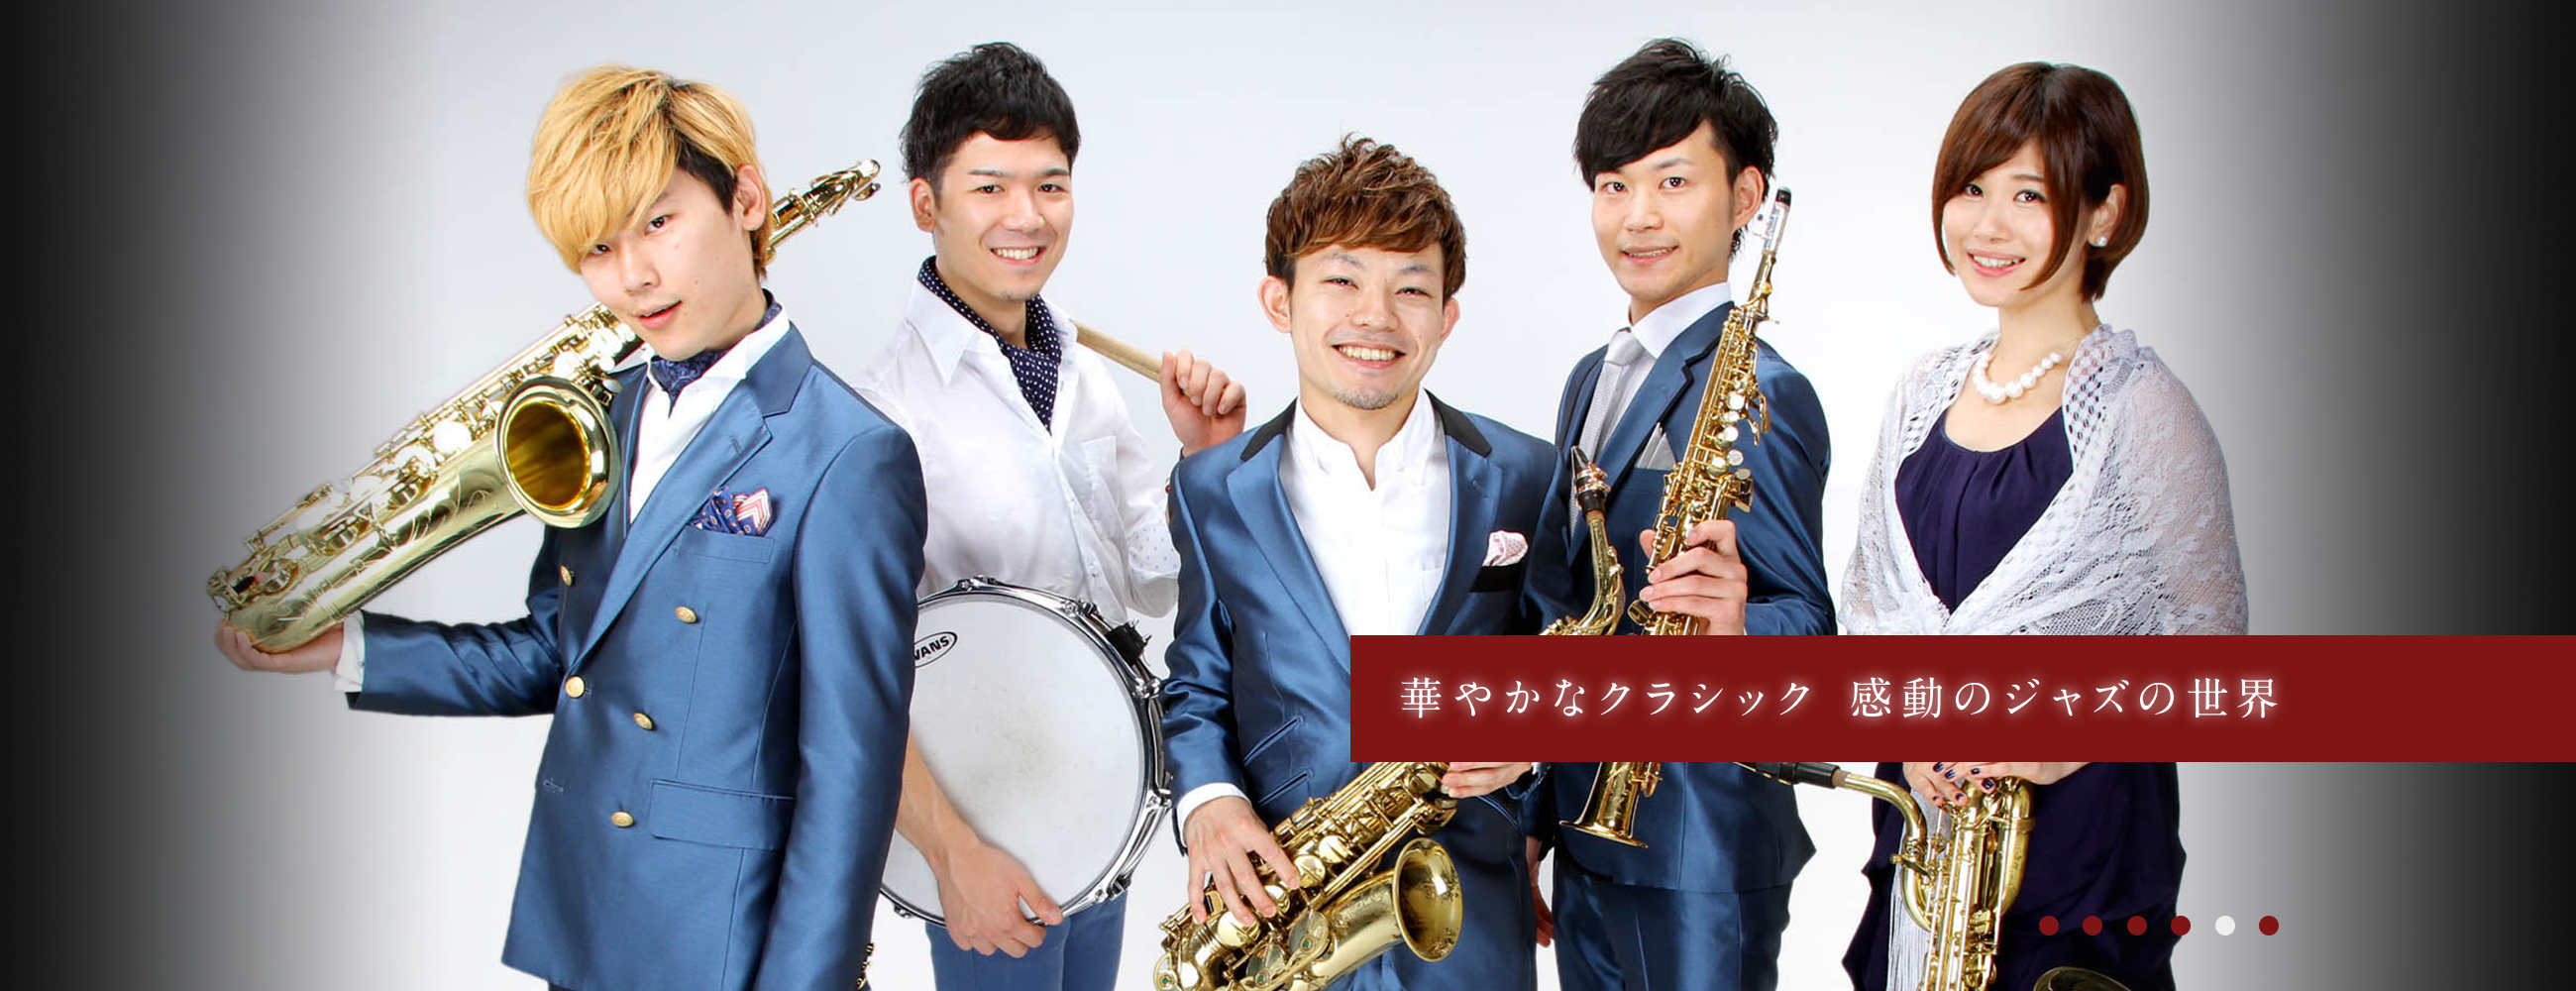 華やかなクラシック 感動のジャズの世界